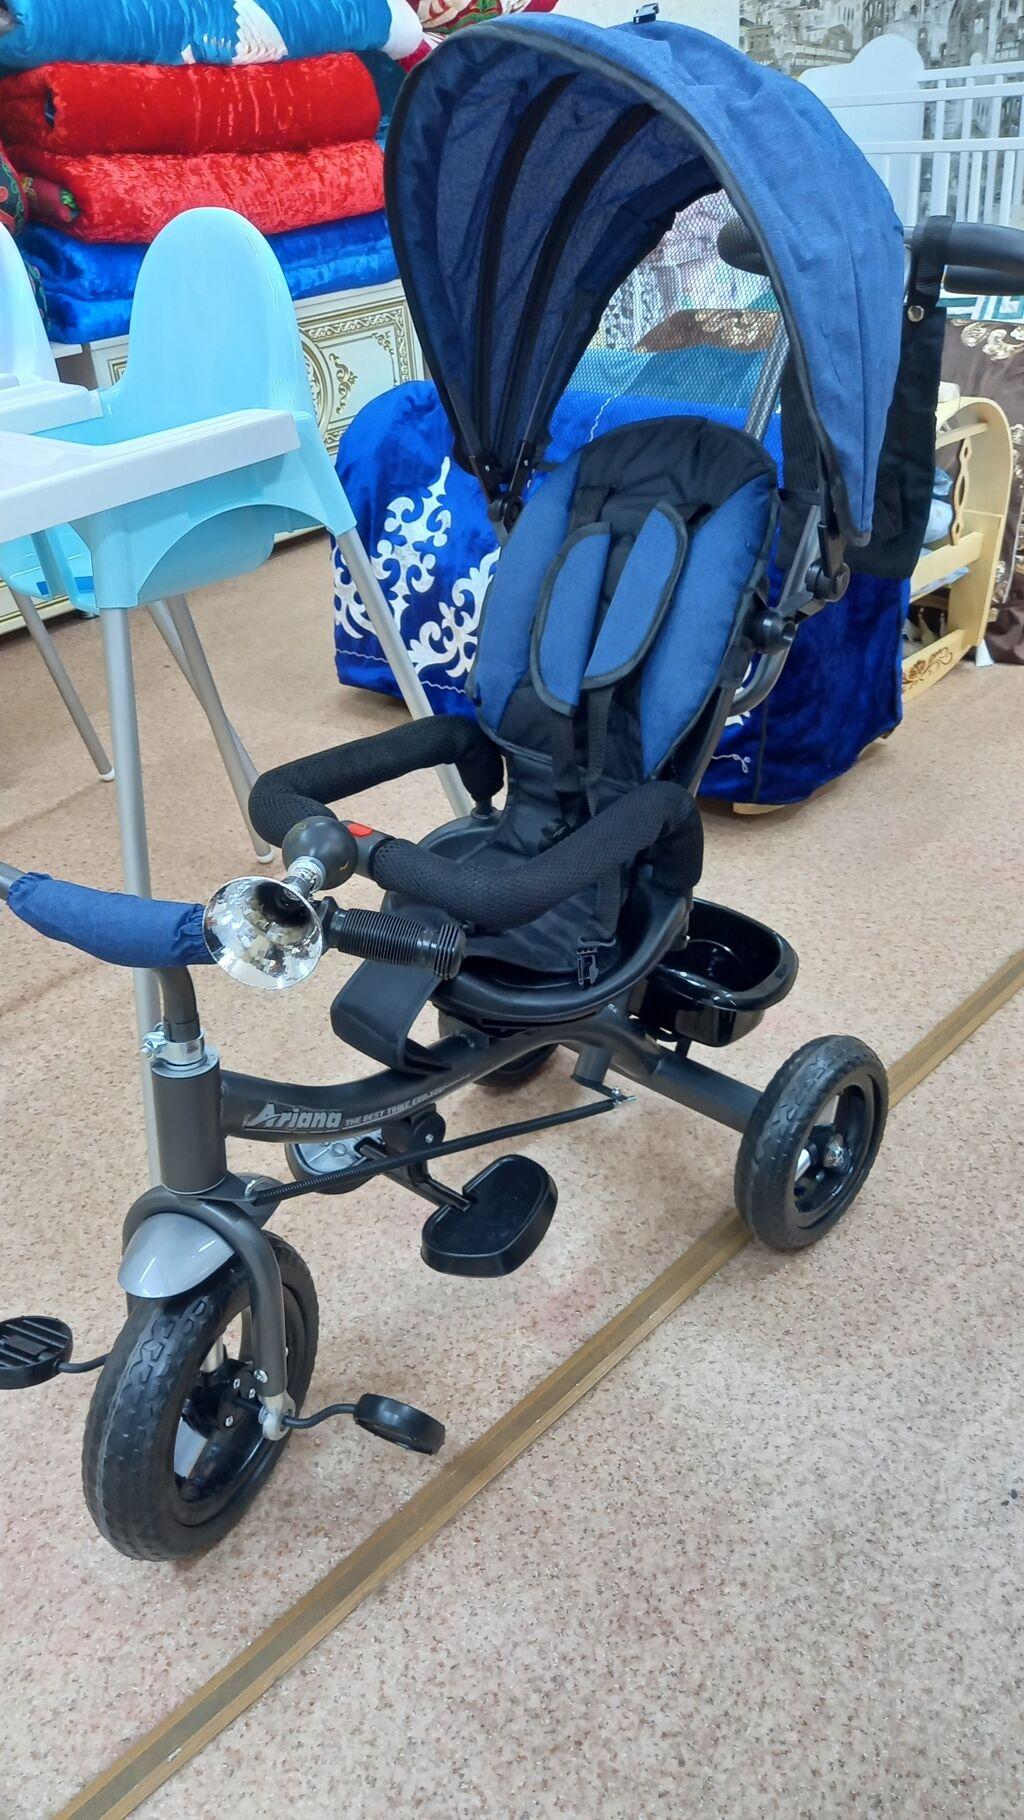 Велоколяски  (Велосипед-коляска)  Родительская ручка  Поворотное сид | Объявление создано 07 Сентябрь 2021 10:33:05: Велоколяски  (Велосипед-коляска)  Родительская ручка  Поворотное сид